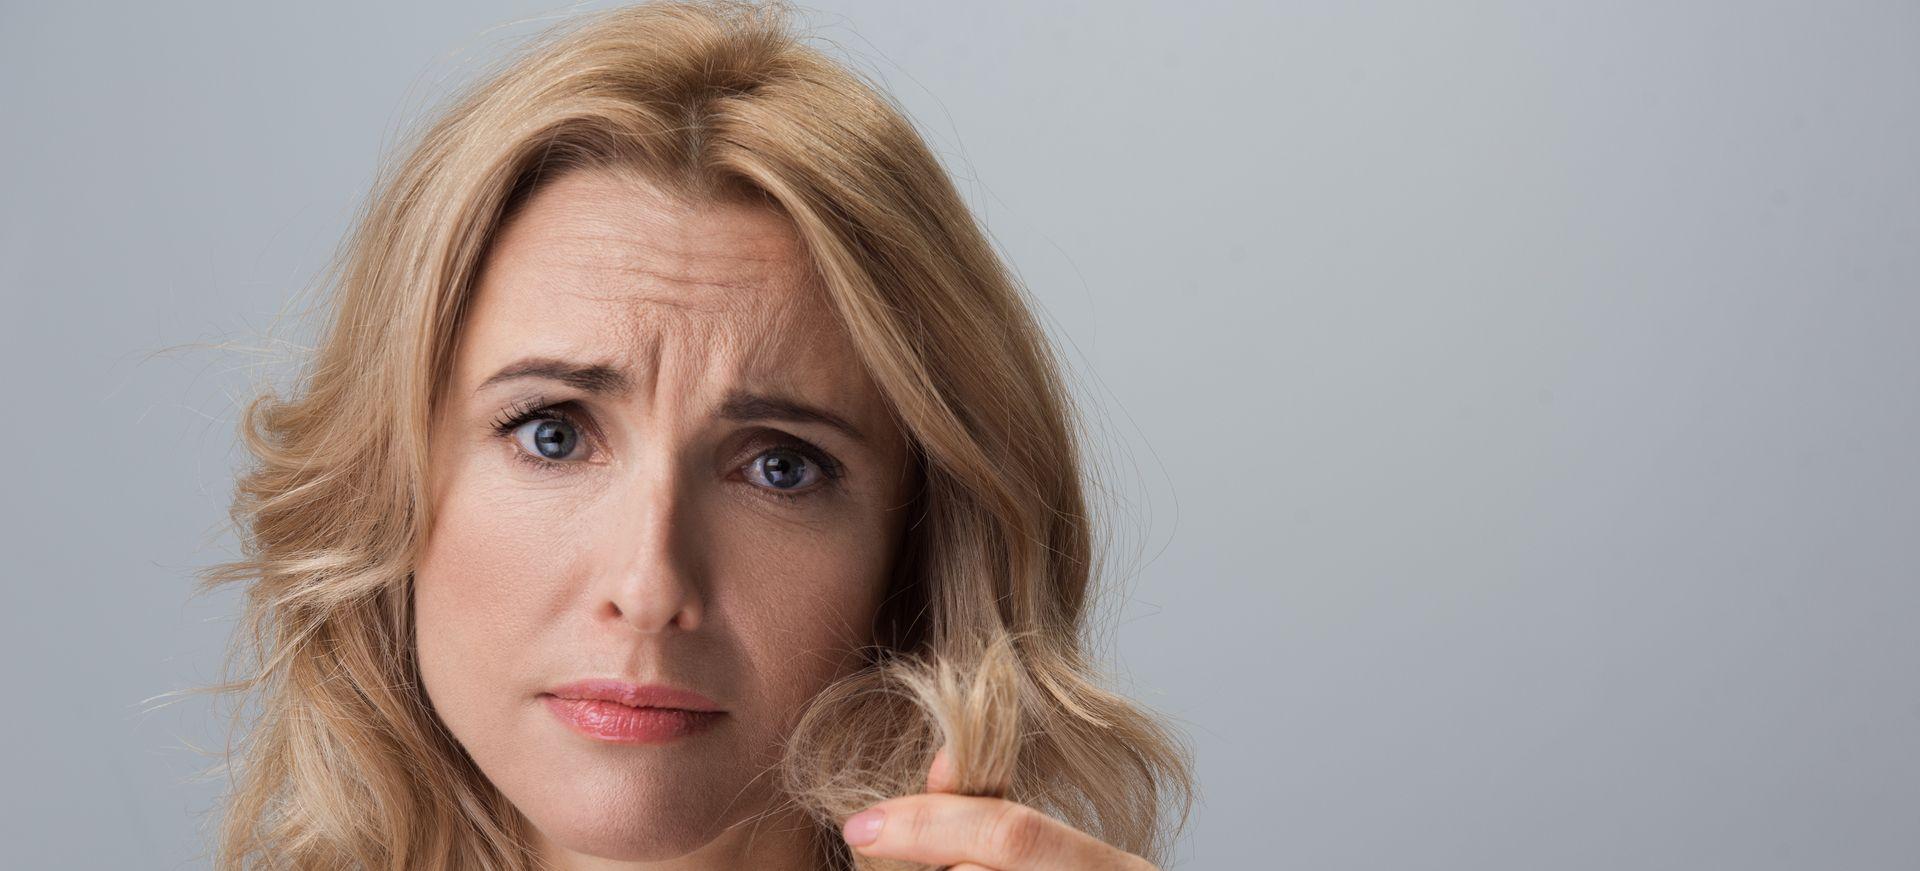 Как ухаживать за волосами после 40?